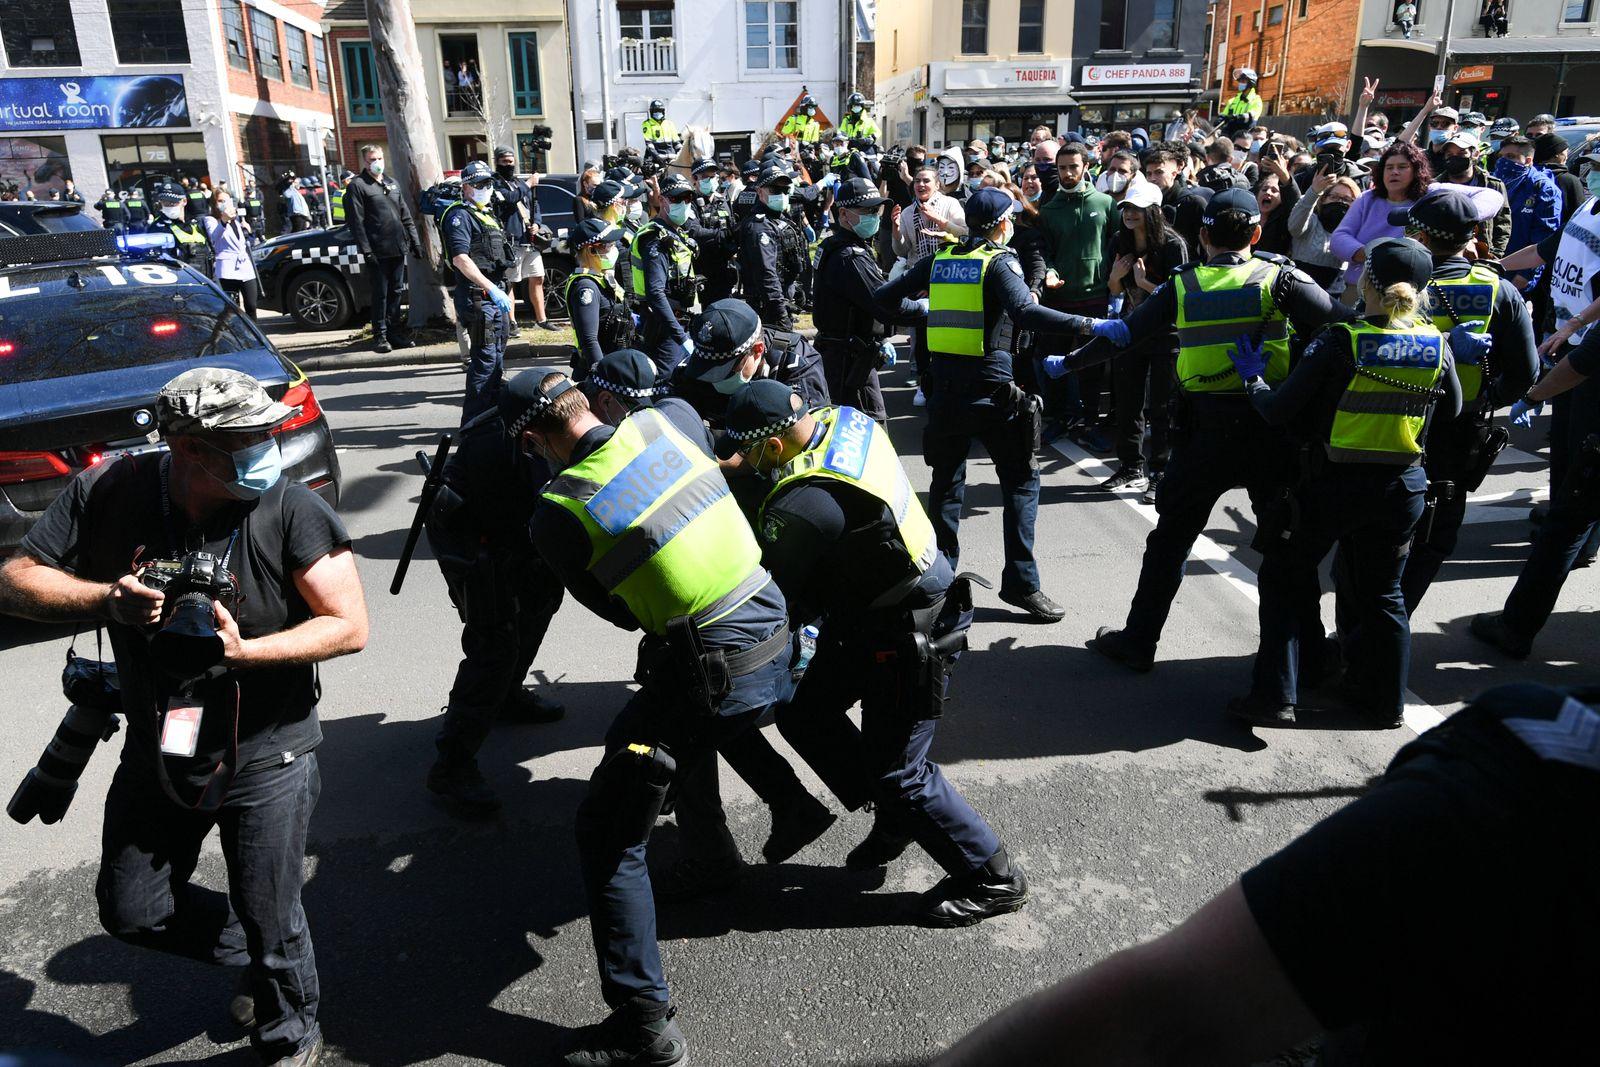 ANTI LOCKDOWN PROTEST MELBOURNE, Police scuffle with protesters during an anti-lockdown protest in Melbourne, Sunday, S